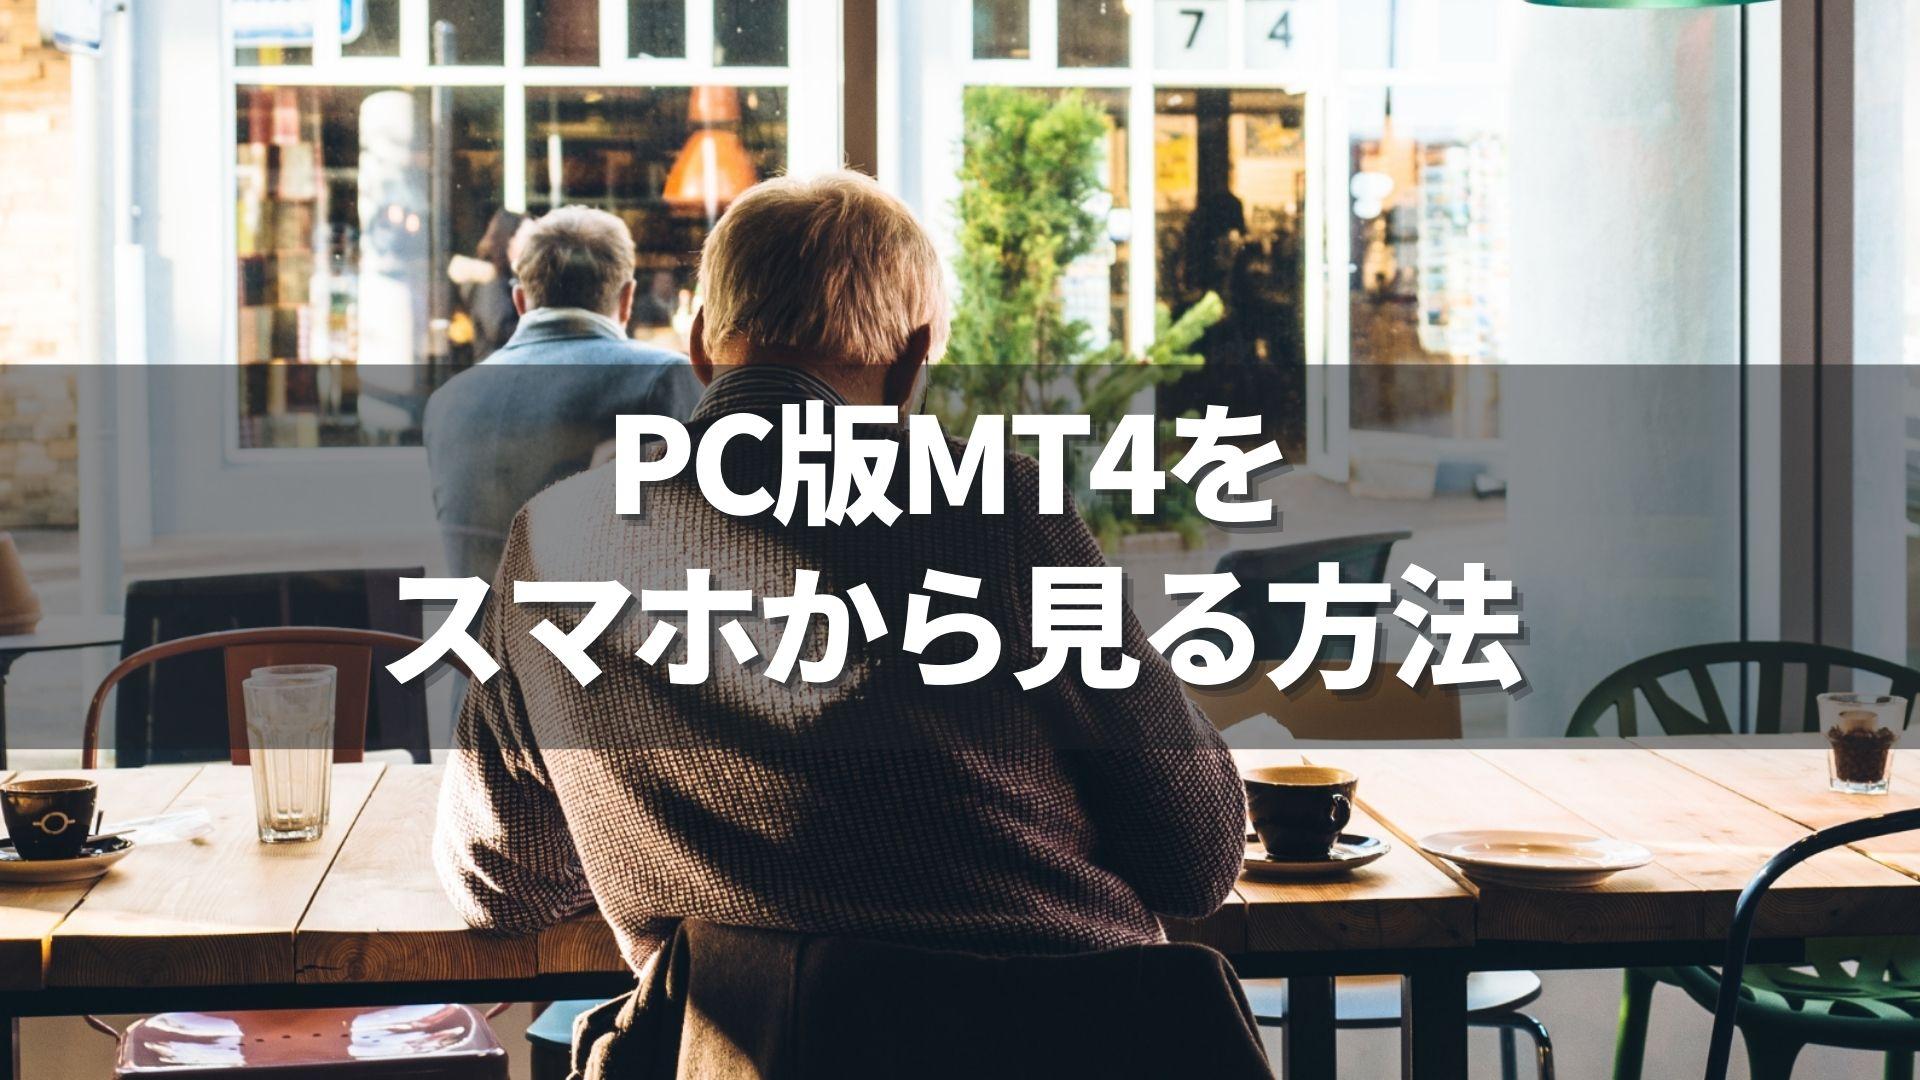 【無料】PC版MT4をスマホから見る方法